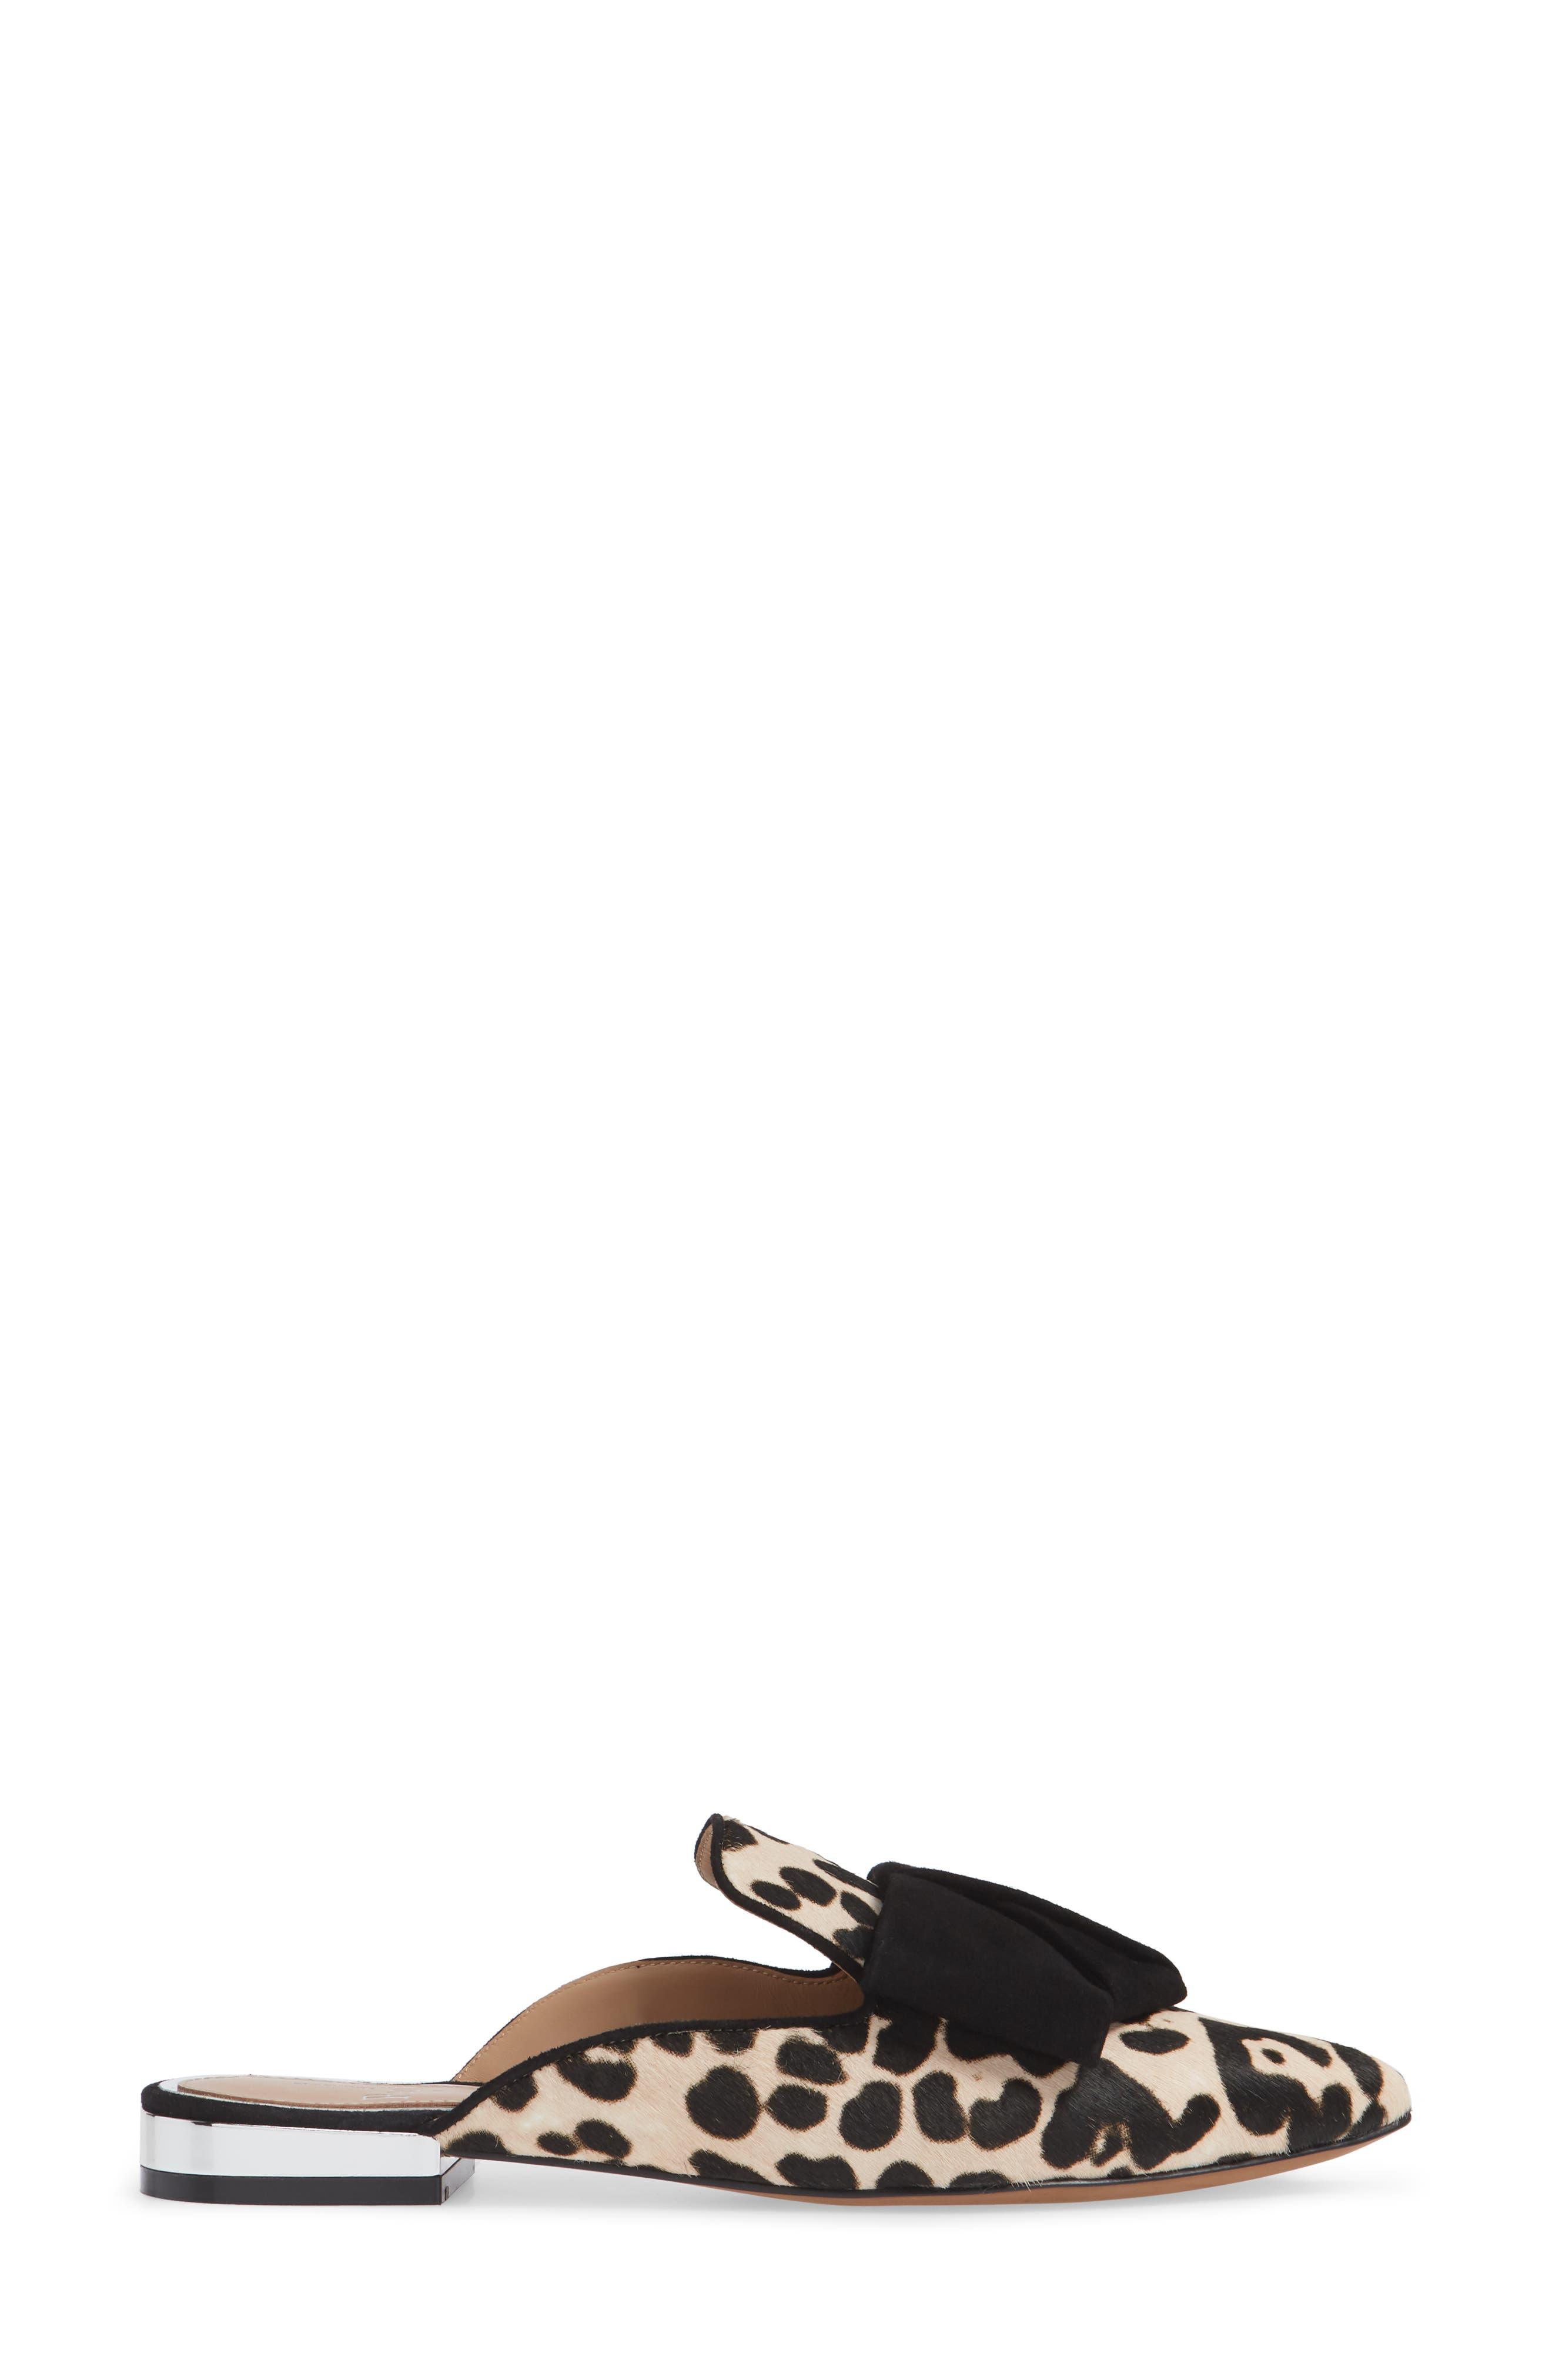 LINEA PAOLO,                             Anya Genuine Calf Hair Bow Mule,                             Alternate thumbnail 3, color,                             WHITE/ BLACK PRINT HAIRCALF